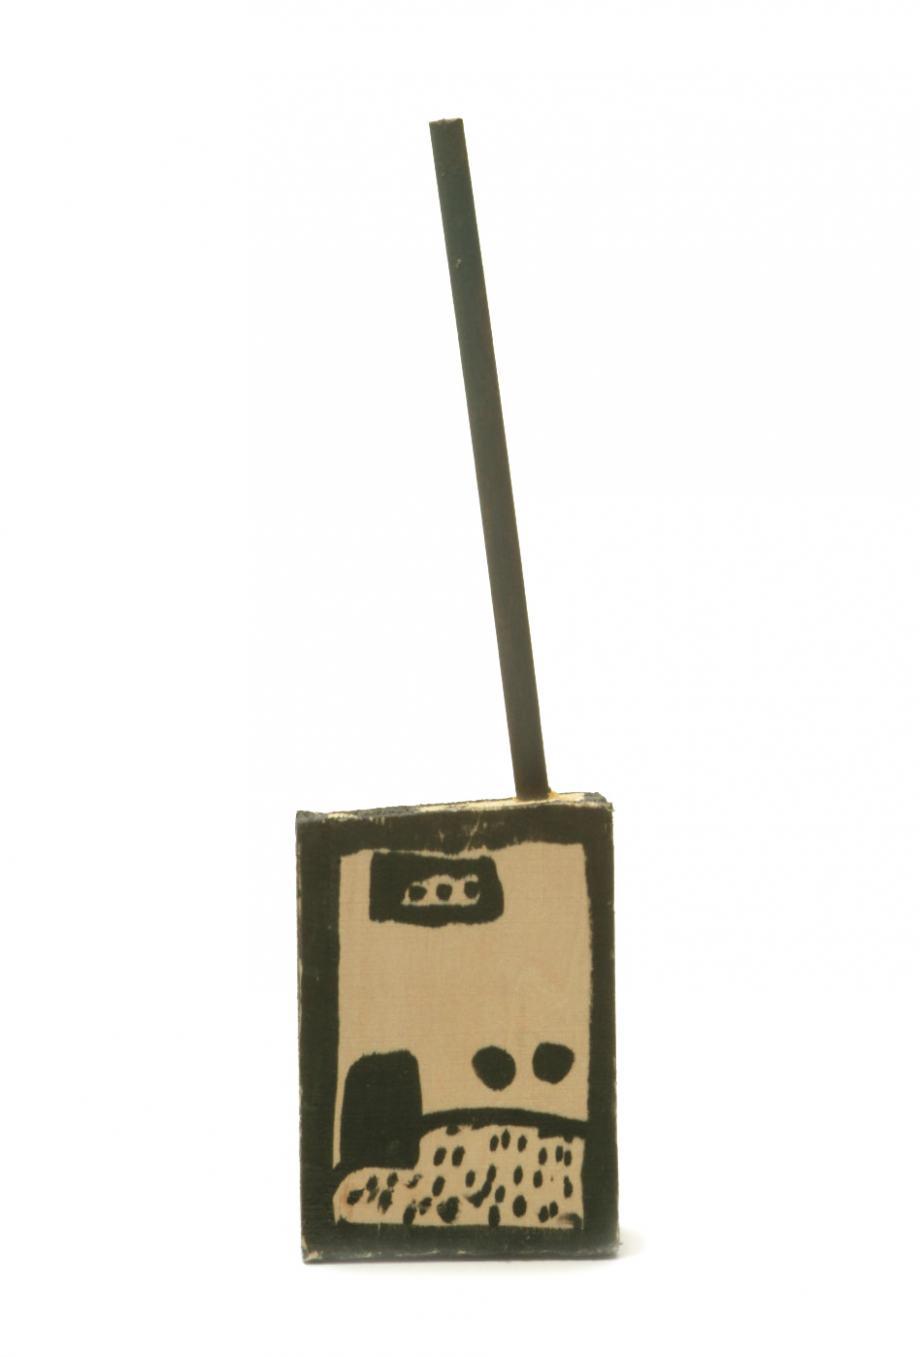 Sammlungsobjekt selbstgebautes Walkie-Talkie aus Holz und Kunststoff